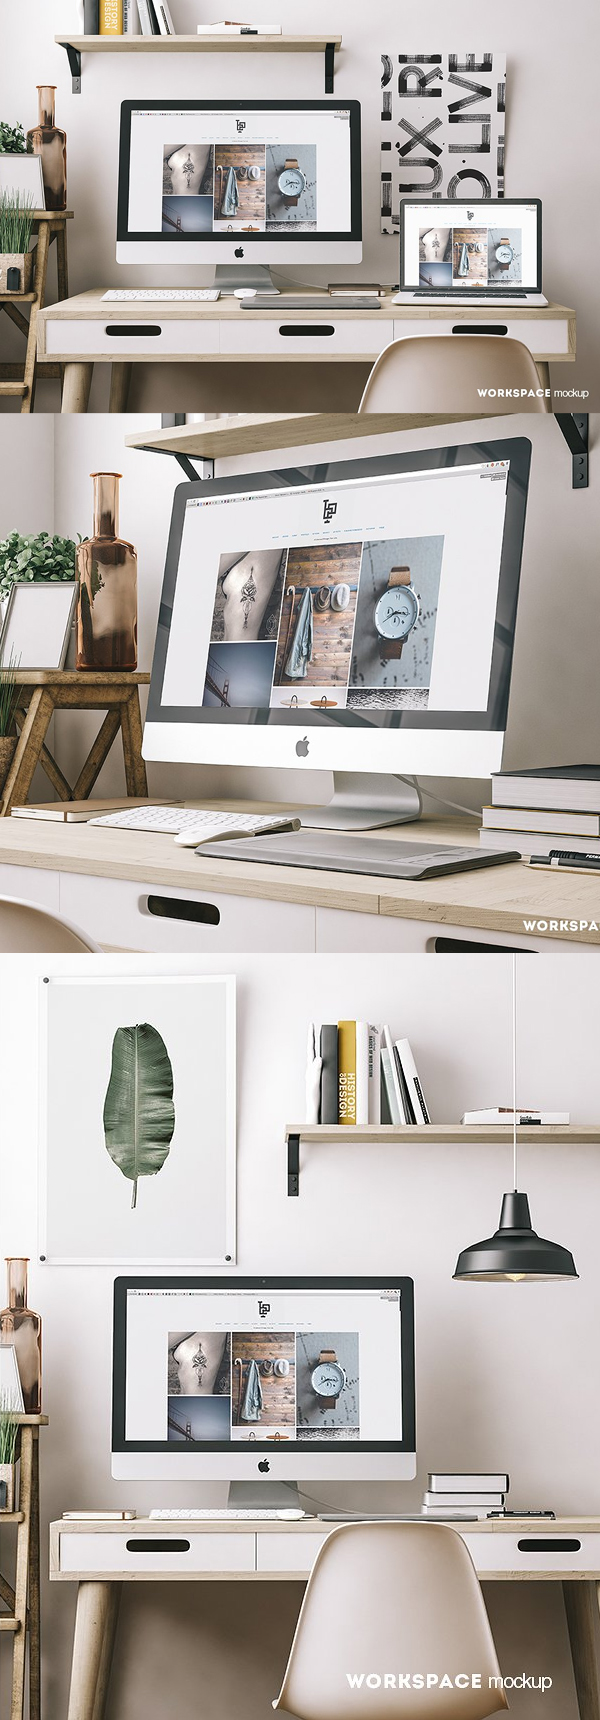 Amazing Workspace Mockup Set